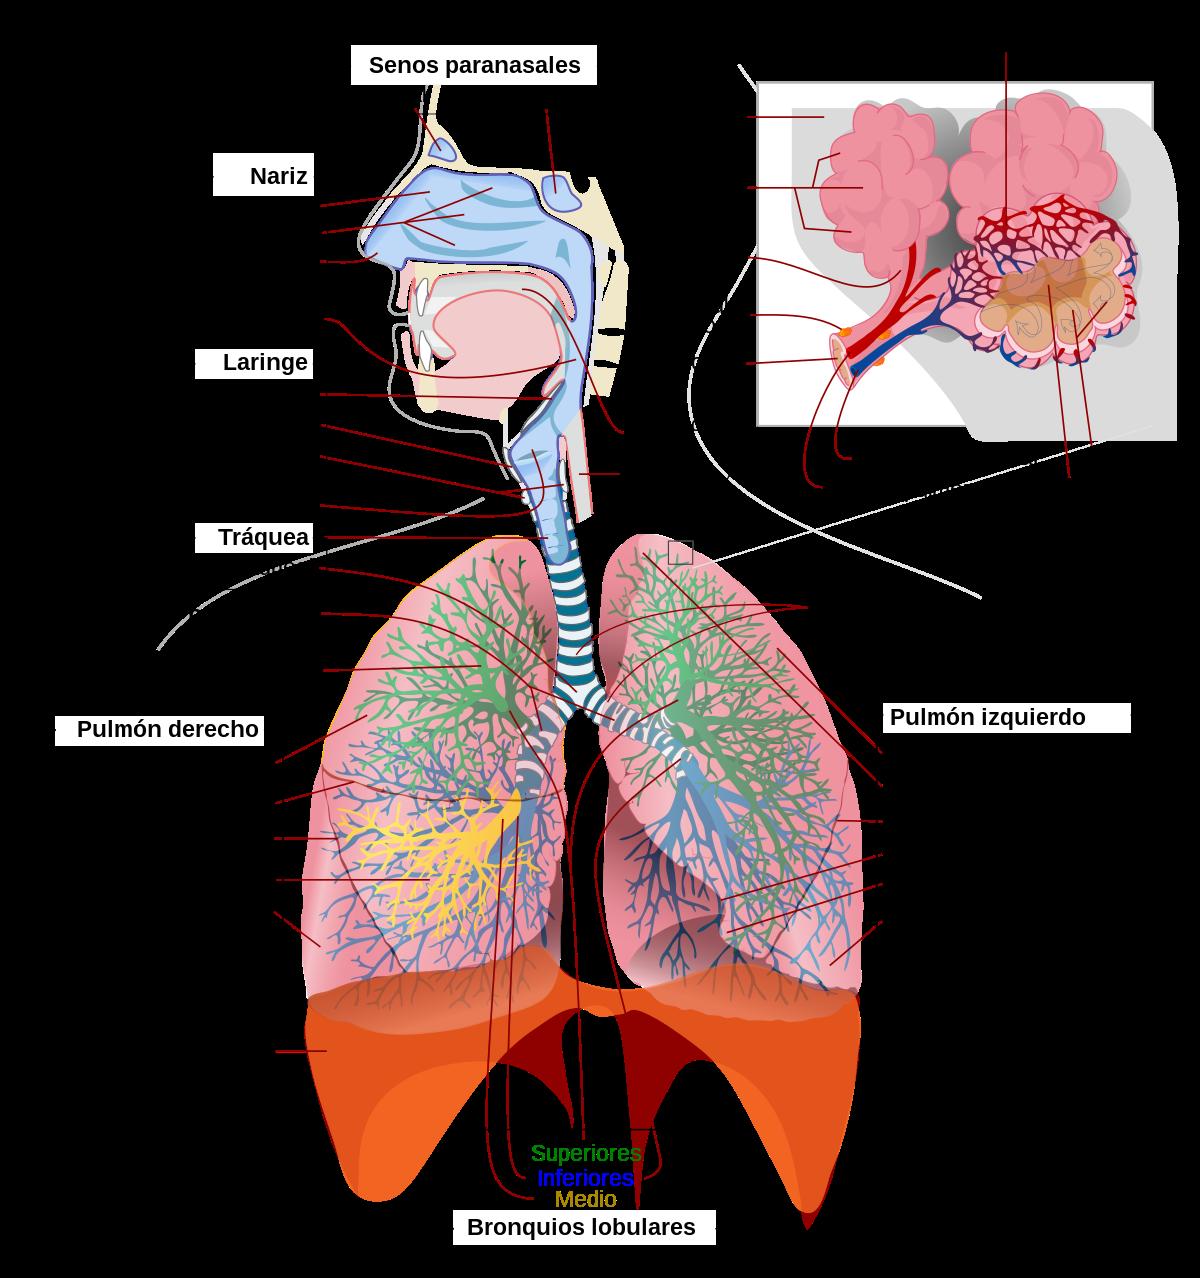 papillomavirus et preservatif